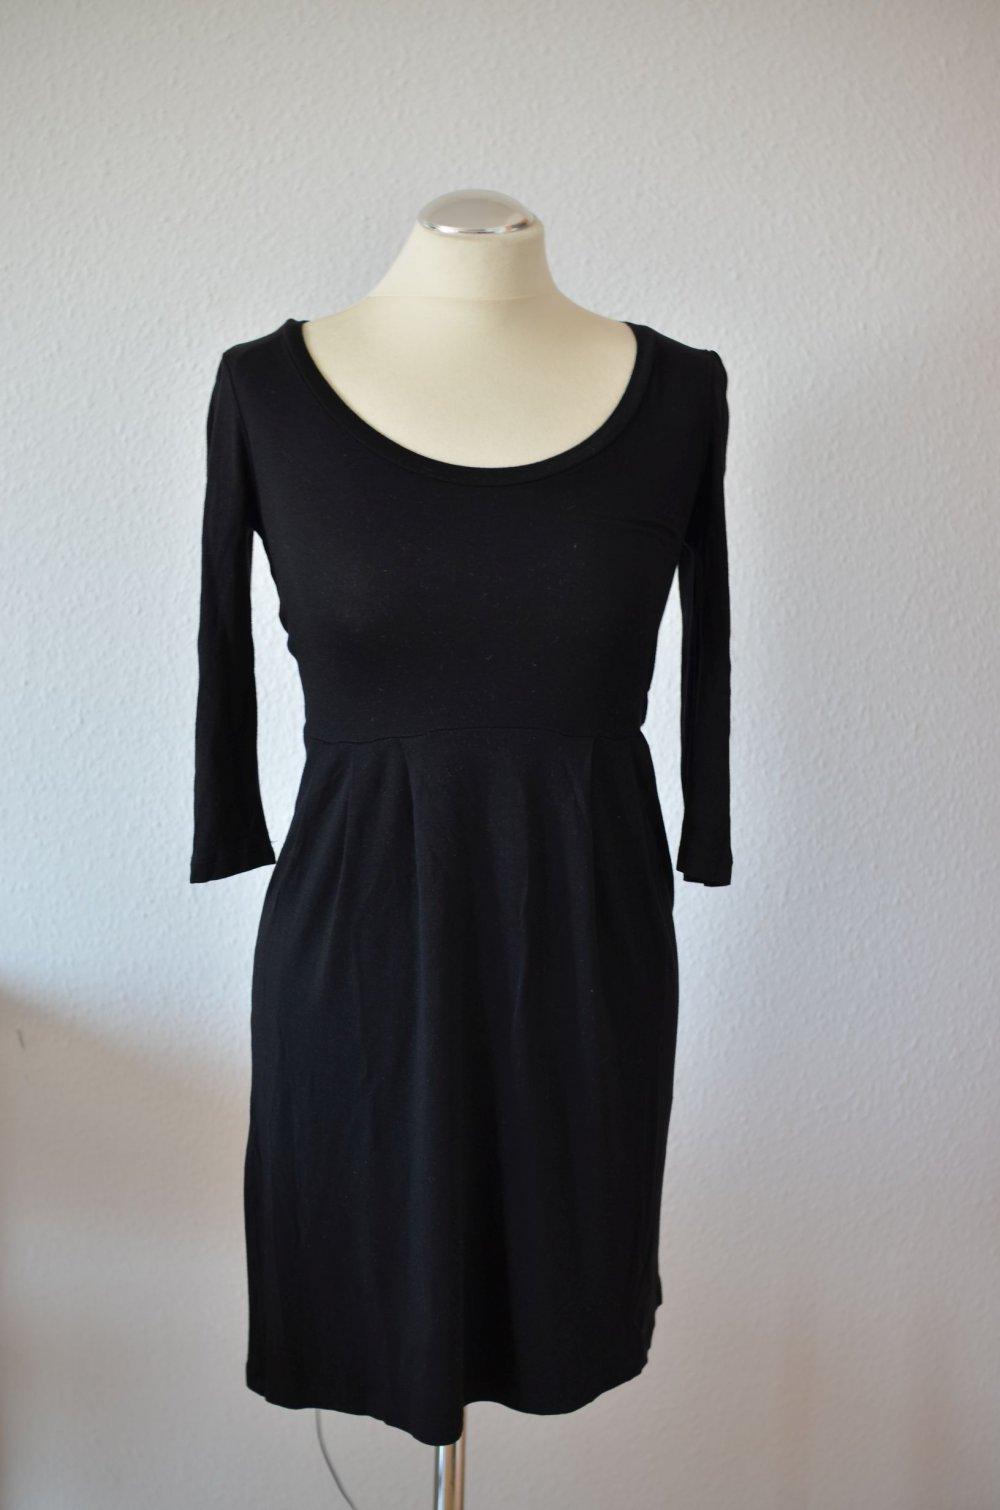 schwarzes Basic-Kleid, Jersey-Kleid, tailliert